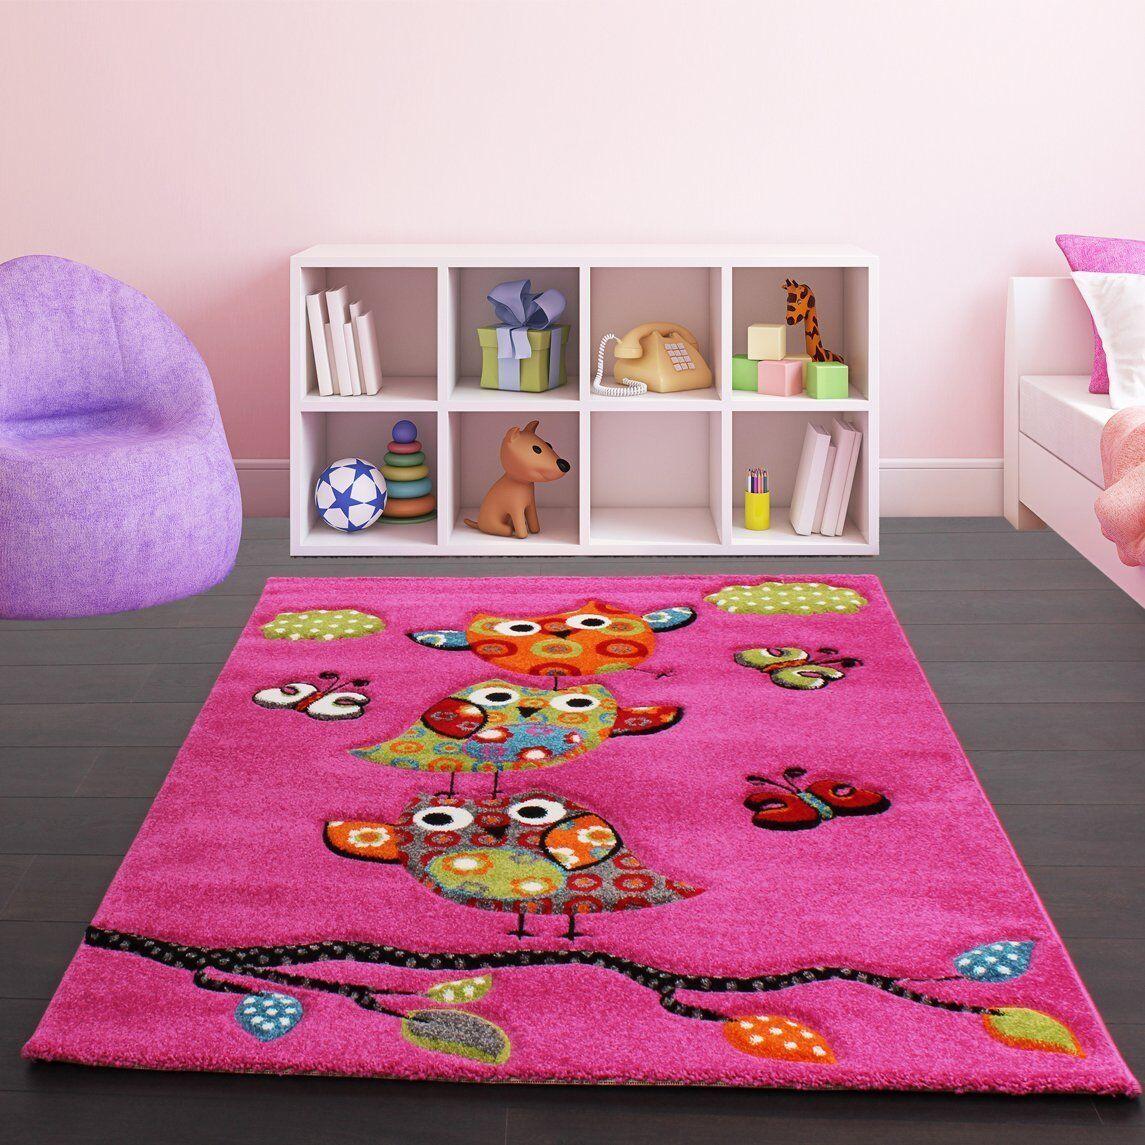 Tapis pour enfants Hibou rose Pépinière Tapis Bébé Filles Chambre Enfants Salle de jeux tapis